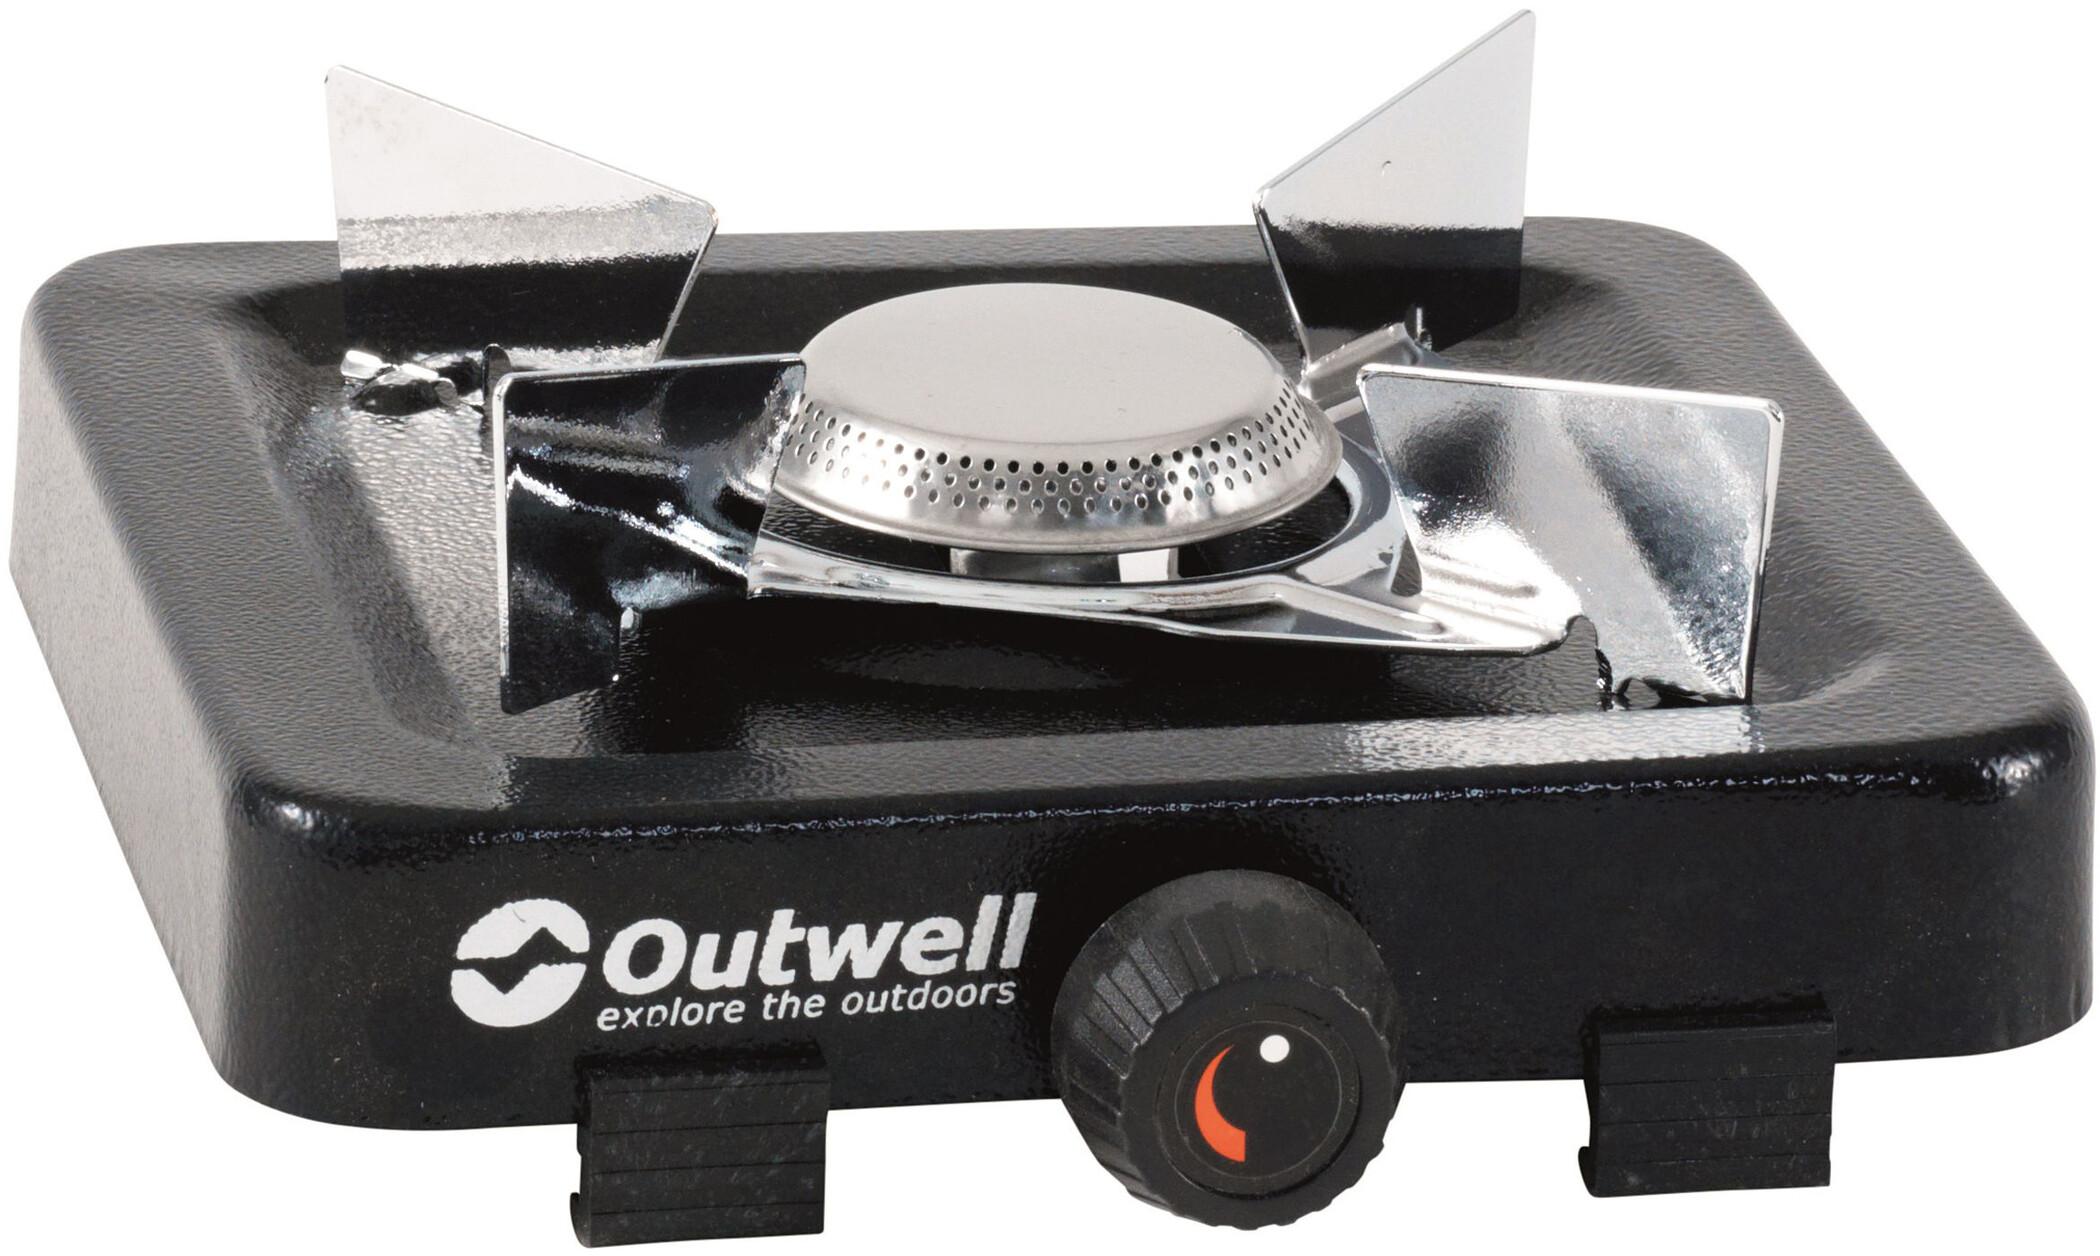 Outwell Appetizer 1 Burner Campingkoger (2019) | item_misc